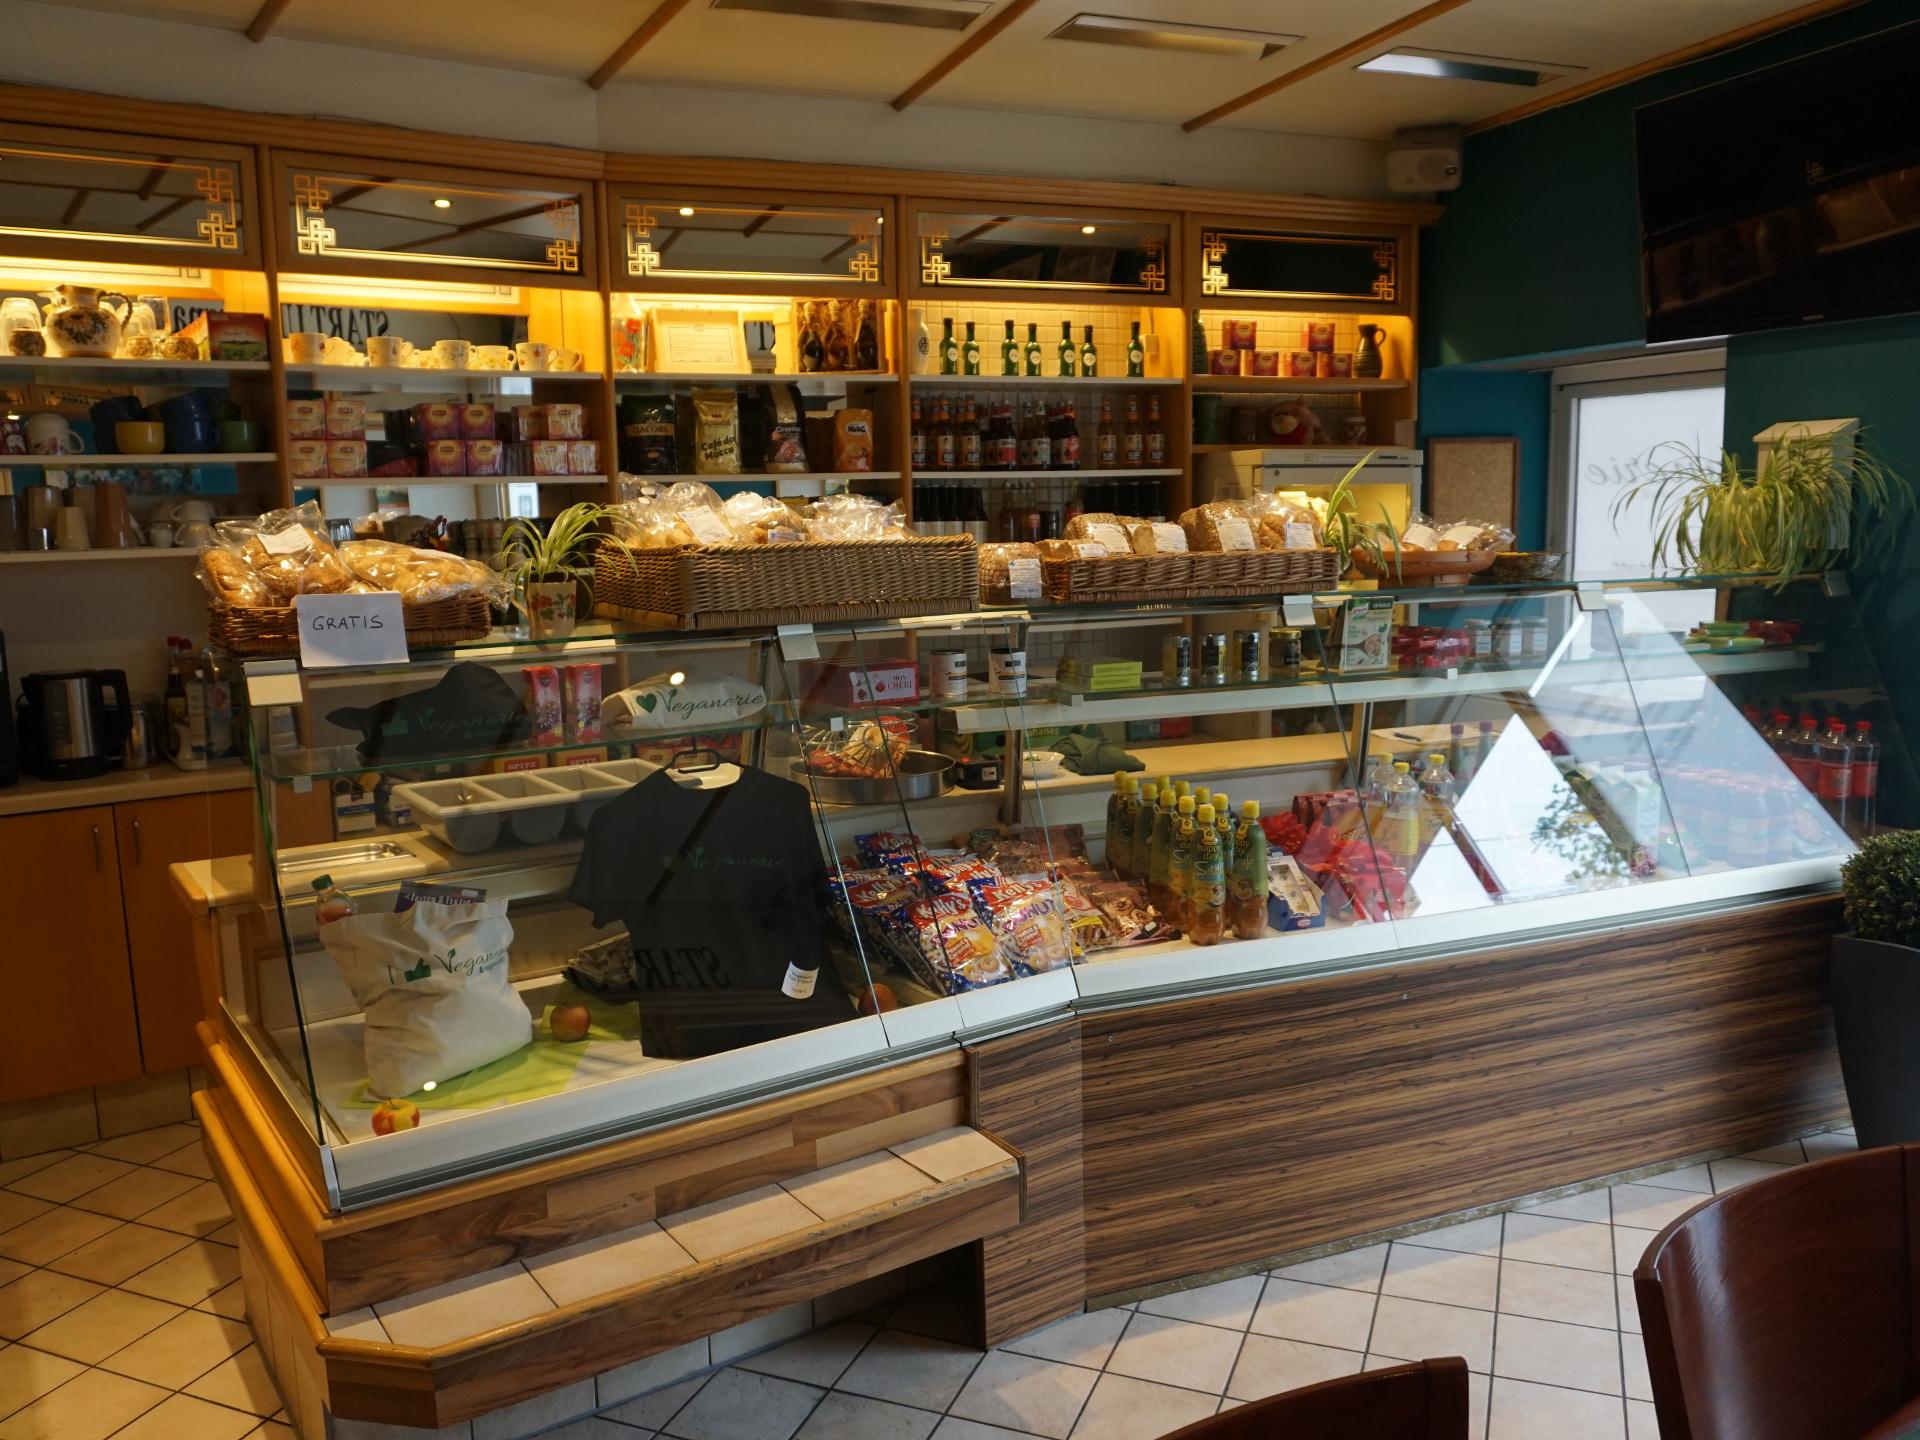 Ein bisschen wie in alten Gasthäusern bekommt man nicht nur frisch gekochtes, sondern auch diverse Waren direkt aus dem Regal oder der Auslage. - Photocredit: Elisabeth Demeter